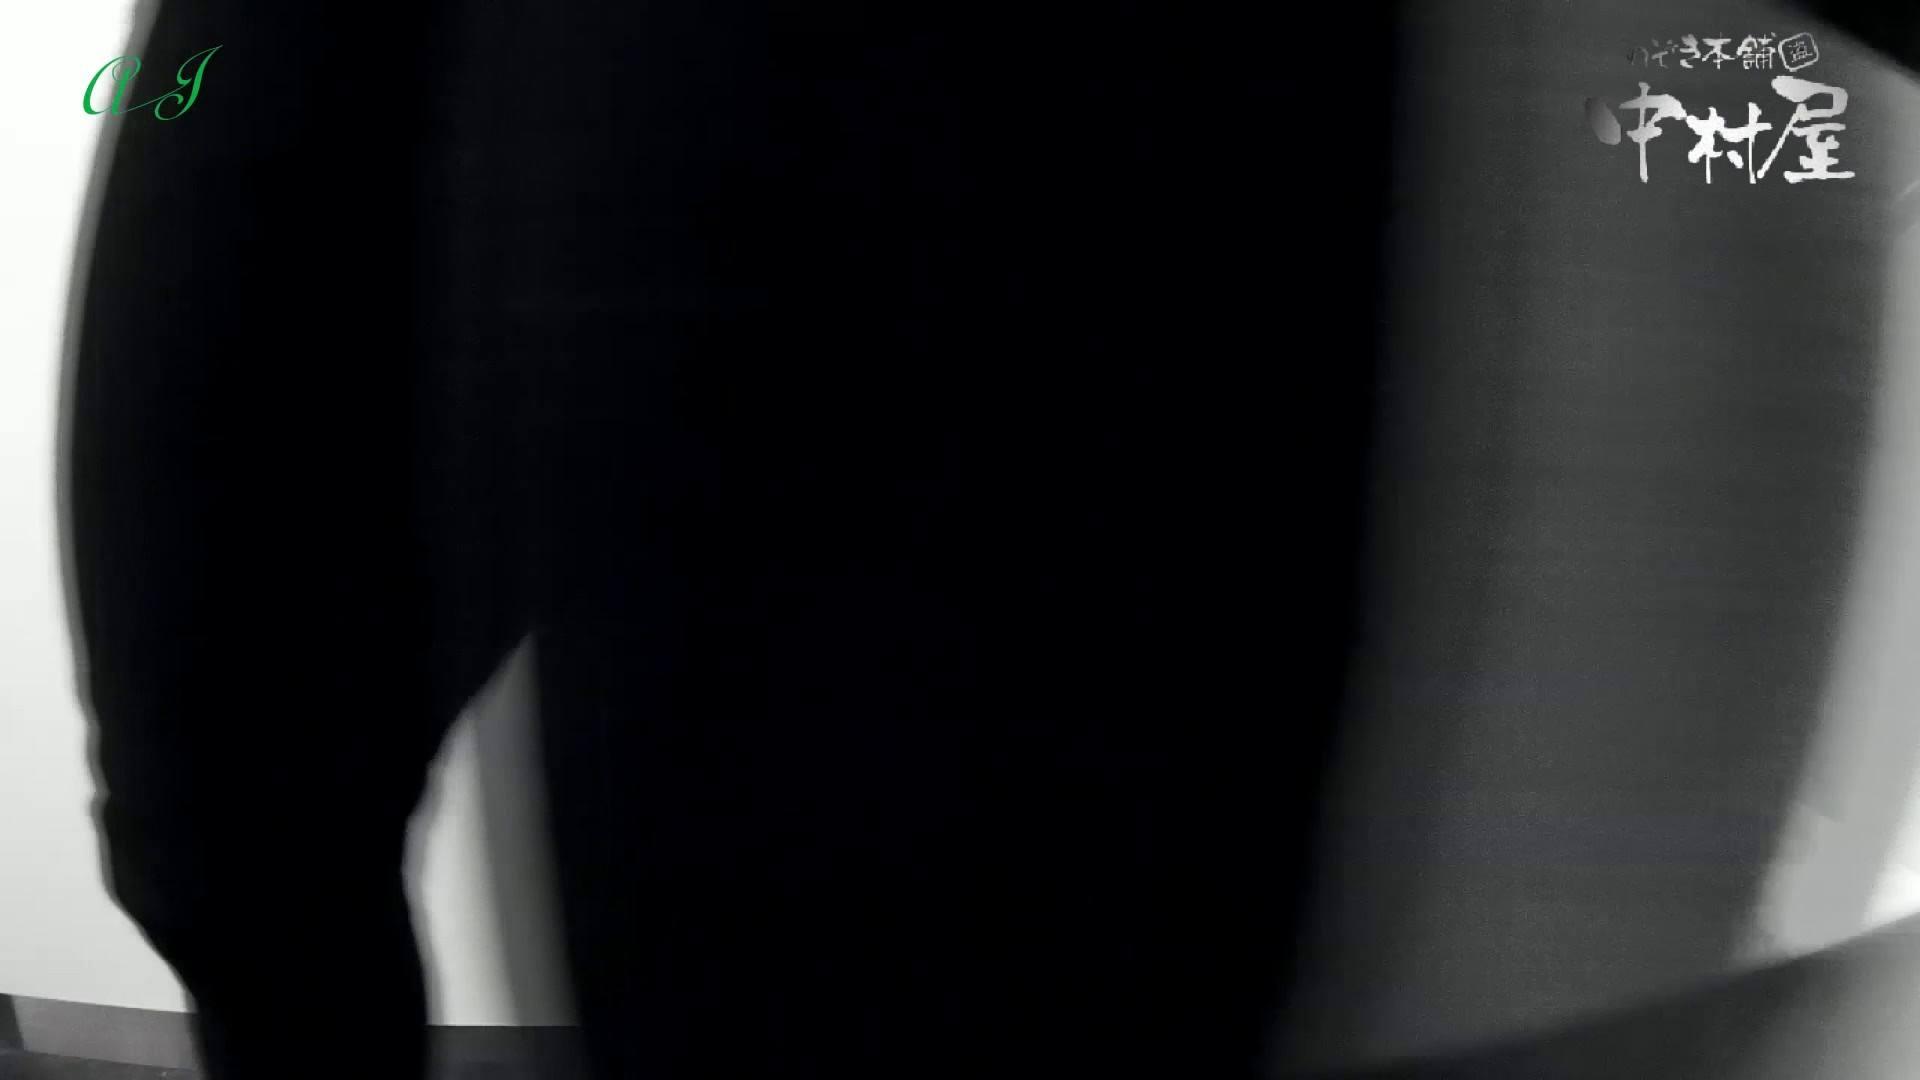 有名大学女性洗面所 vol.61 お久しぶりです。美しい物を美しく撮れました 潜入突撃 セックス無修正動画無料 75pic 52